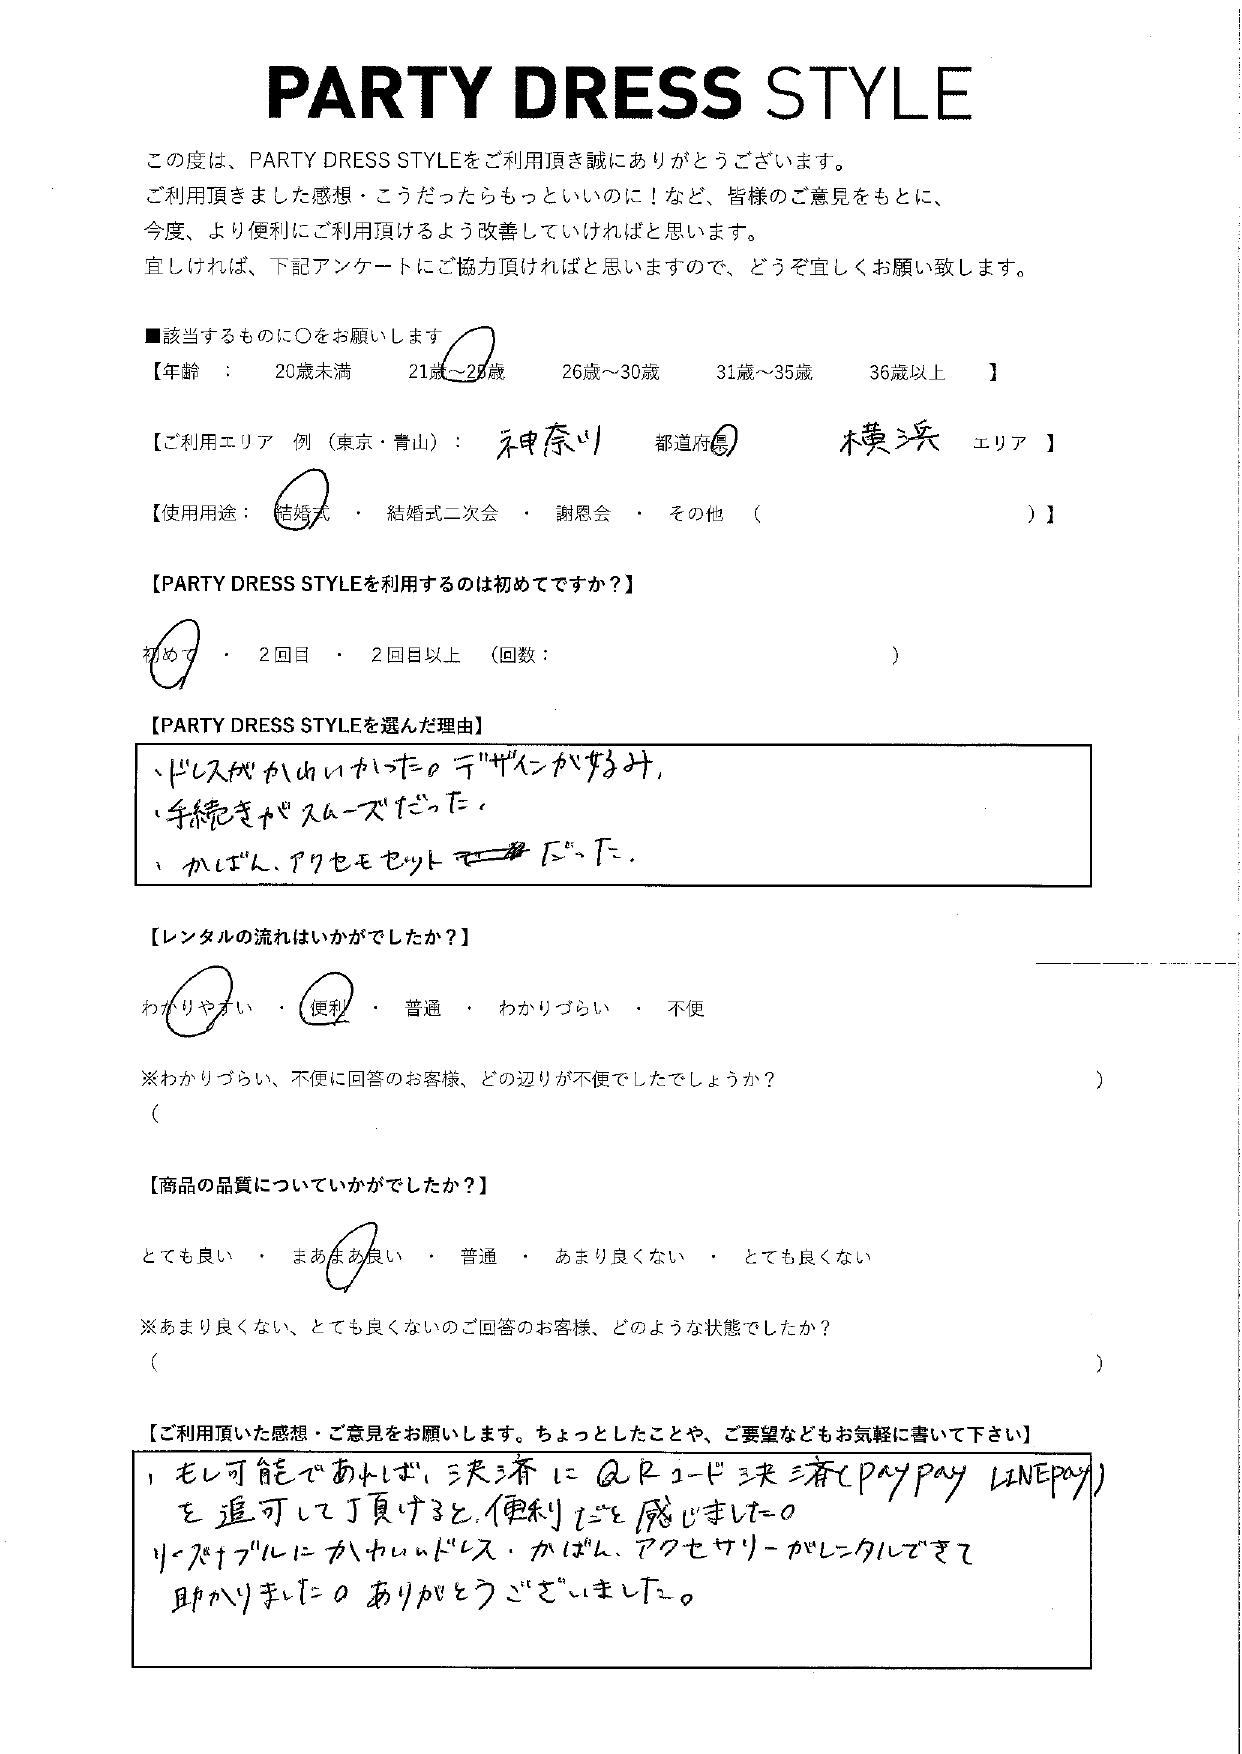 9/5結婚式ご利用 神奈川・横浜エリア